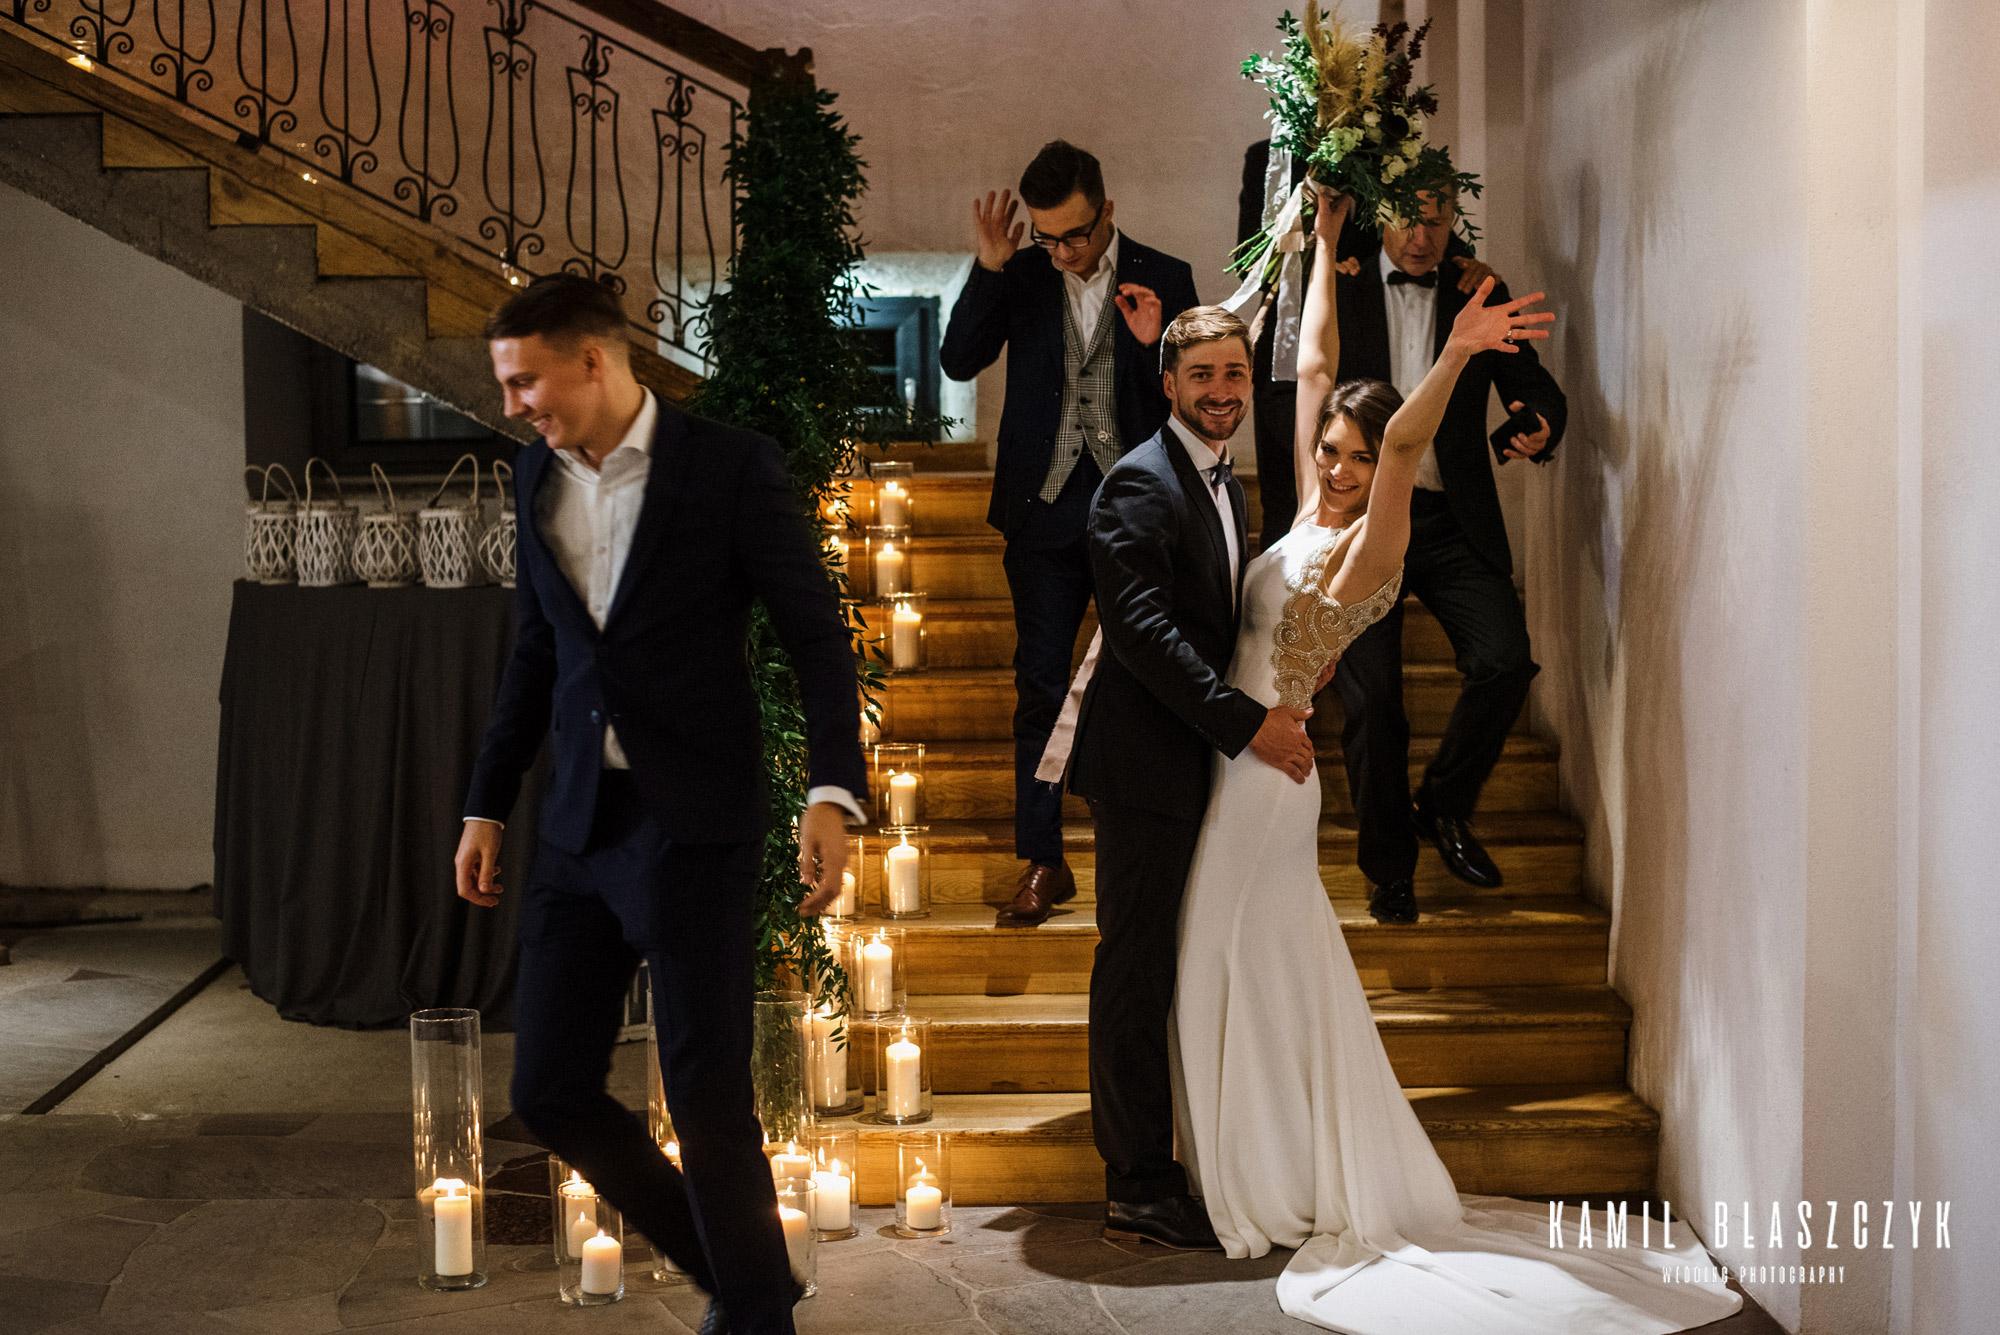 Para Młoda, Monika i Kobus podczas przyjęcia weselnego, w trakcie sesji na schodach hotelu Zielona Brama w Przywidzu